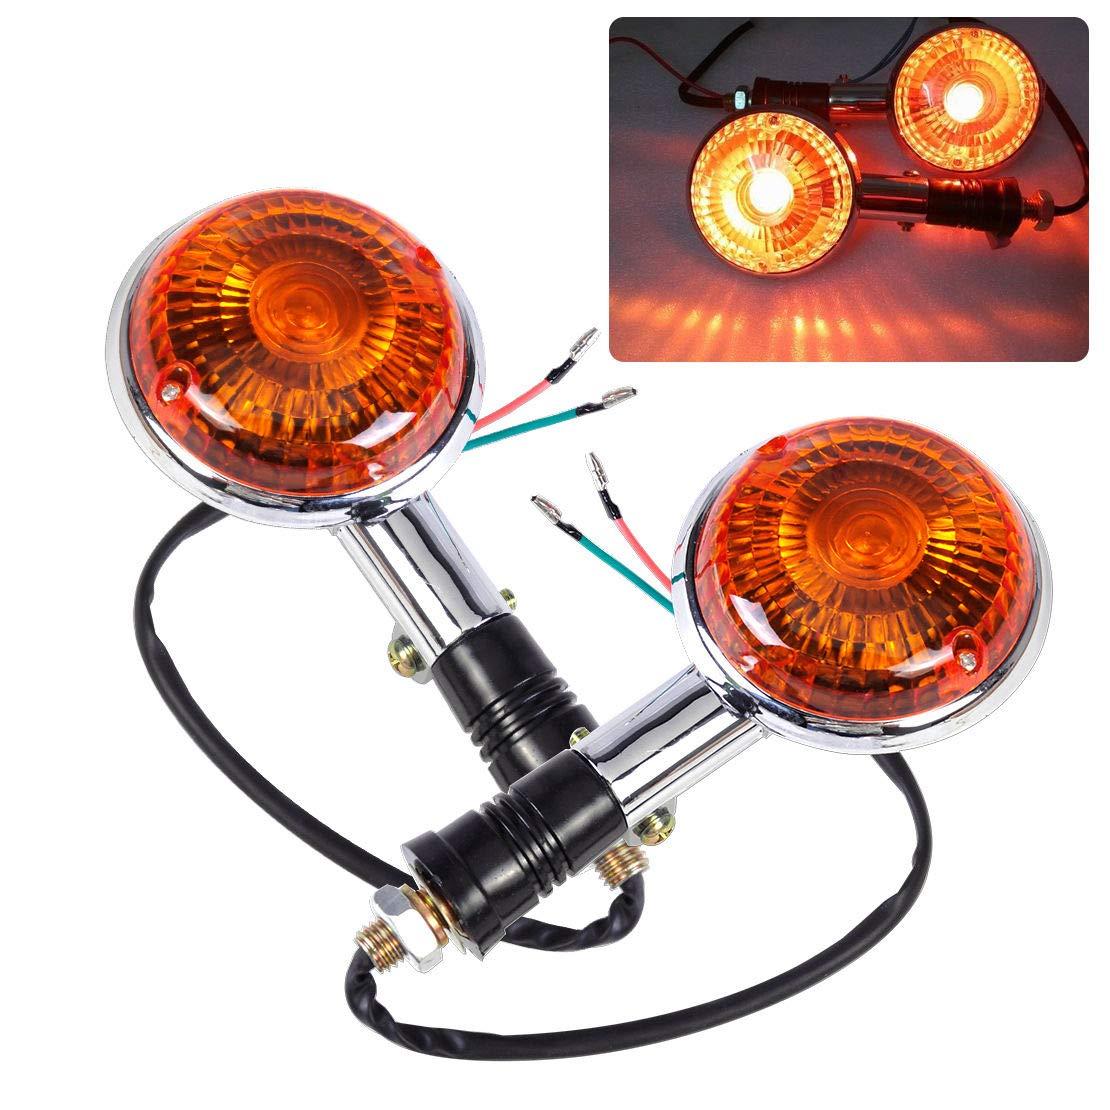 2X Amber Turn Indicator Signal Light Blinker Lens For Yamaha Virago 85-99